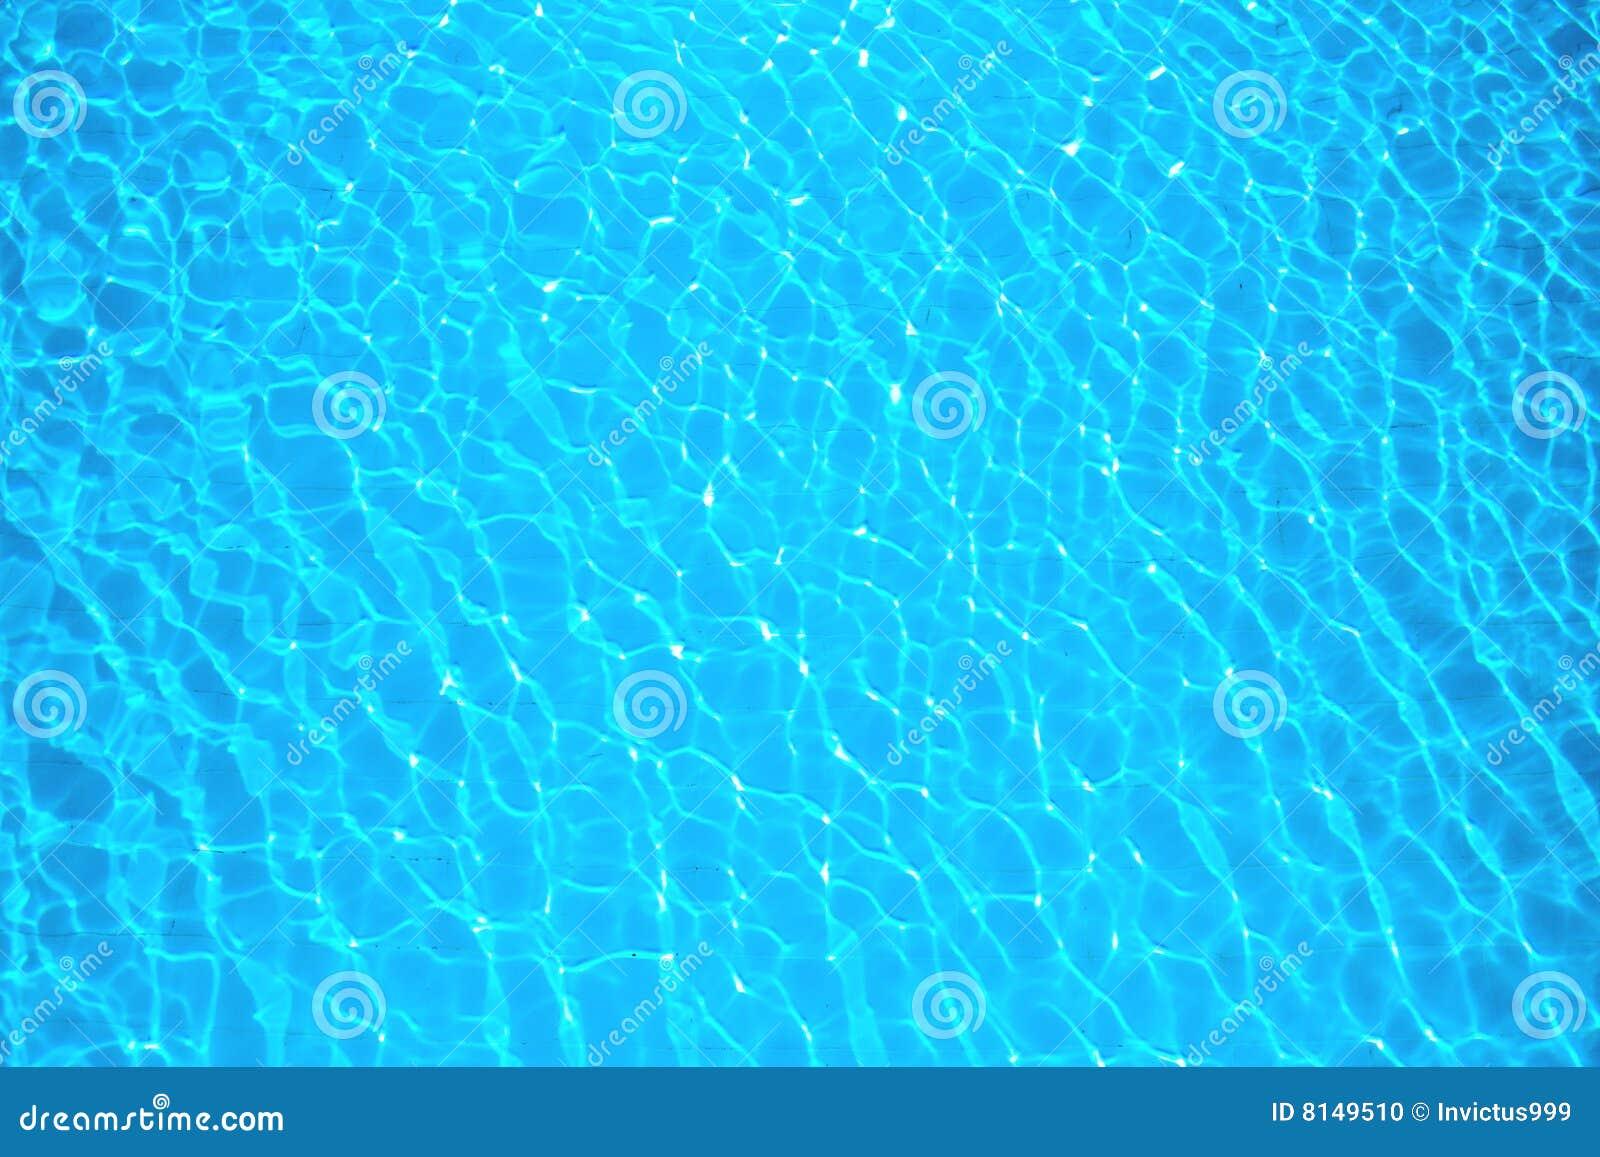 Het Behang Van Het Water Stock Foto Afbeelding Bestaande Uit Plons 8149510